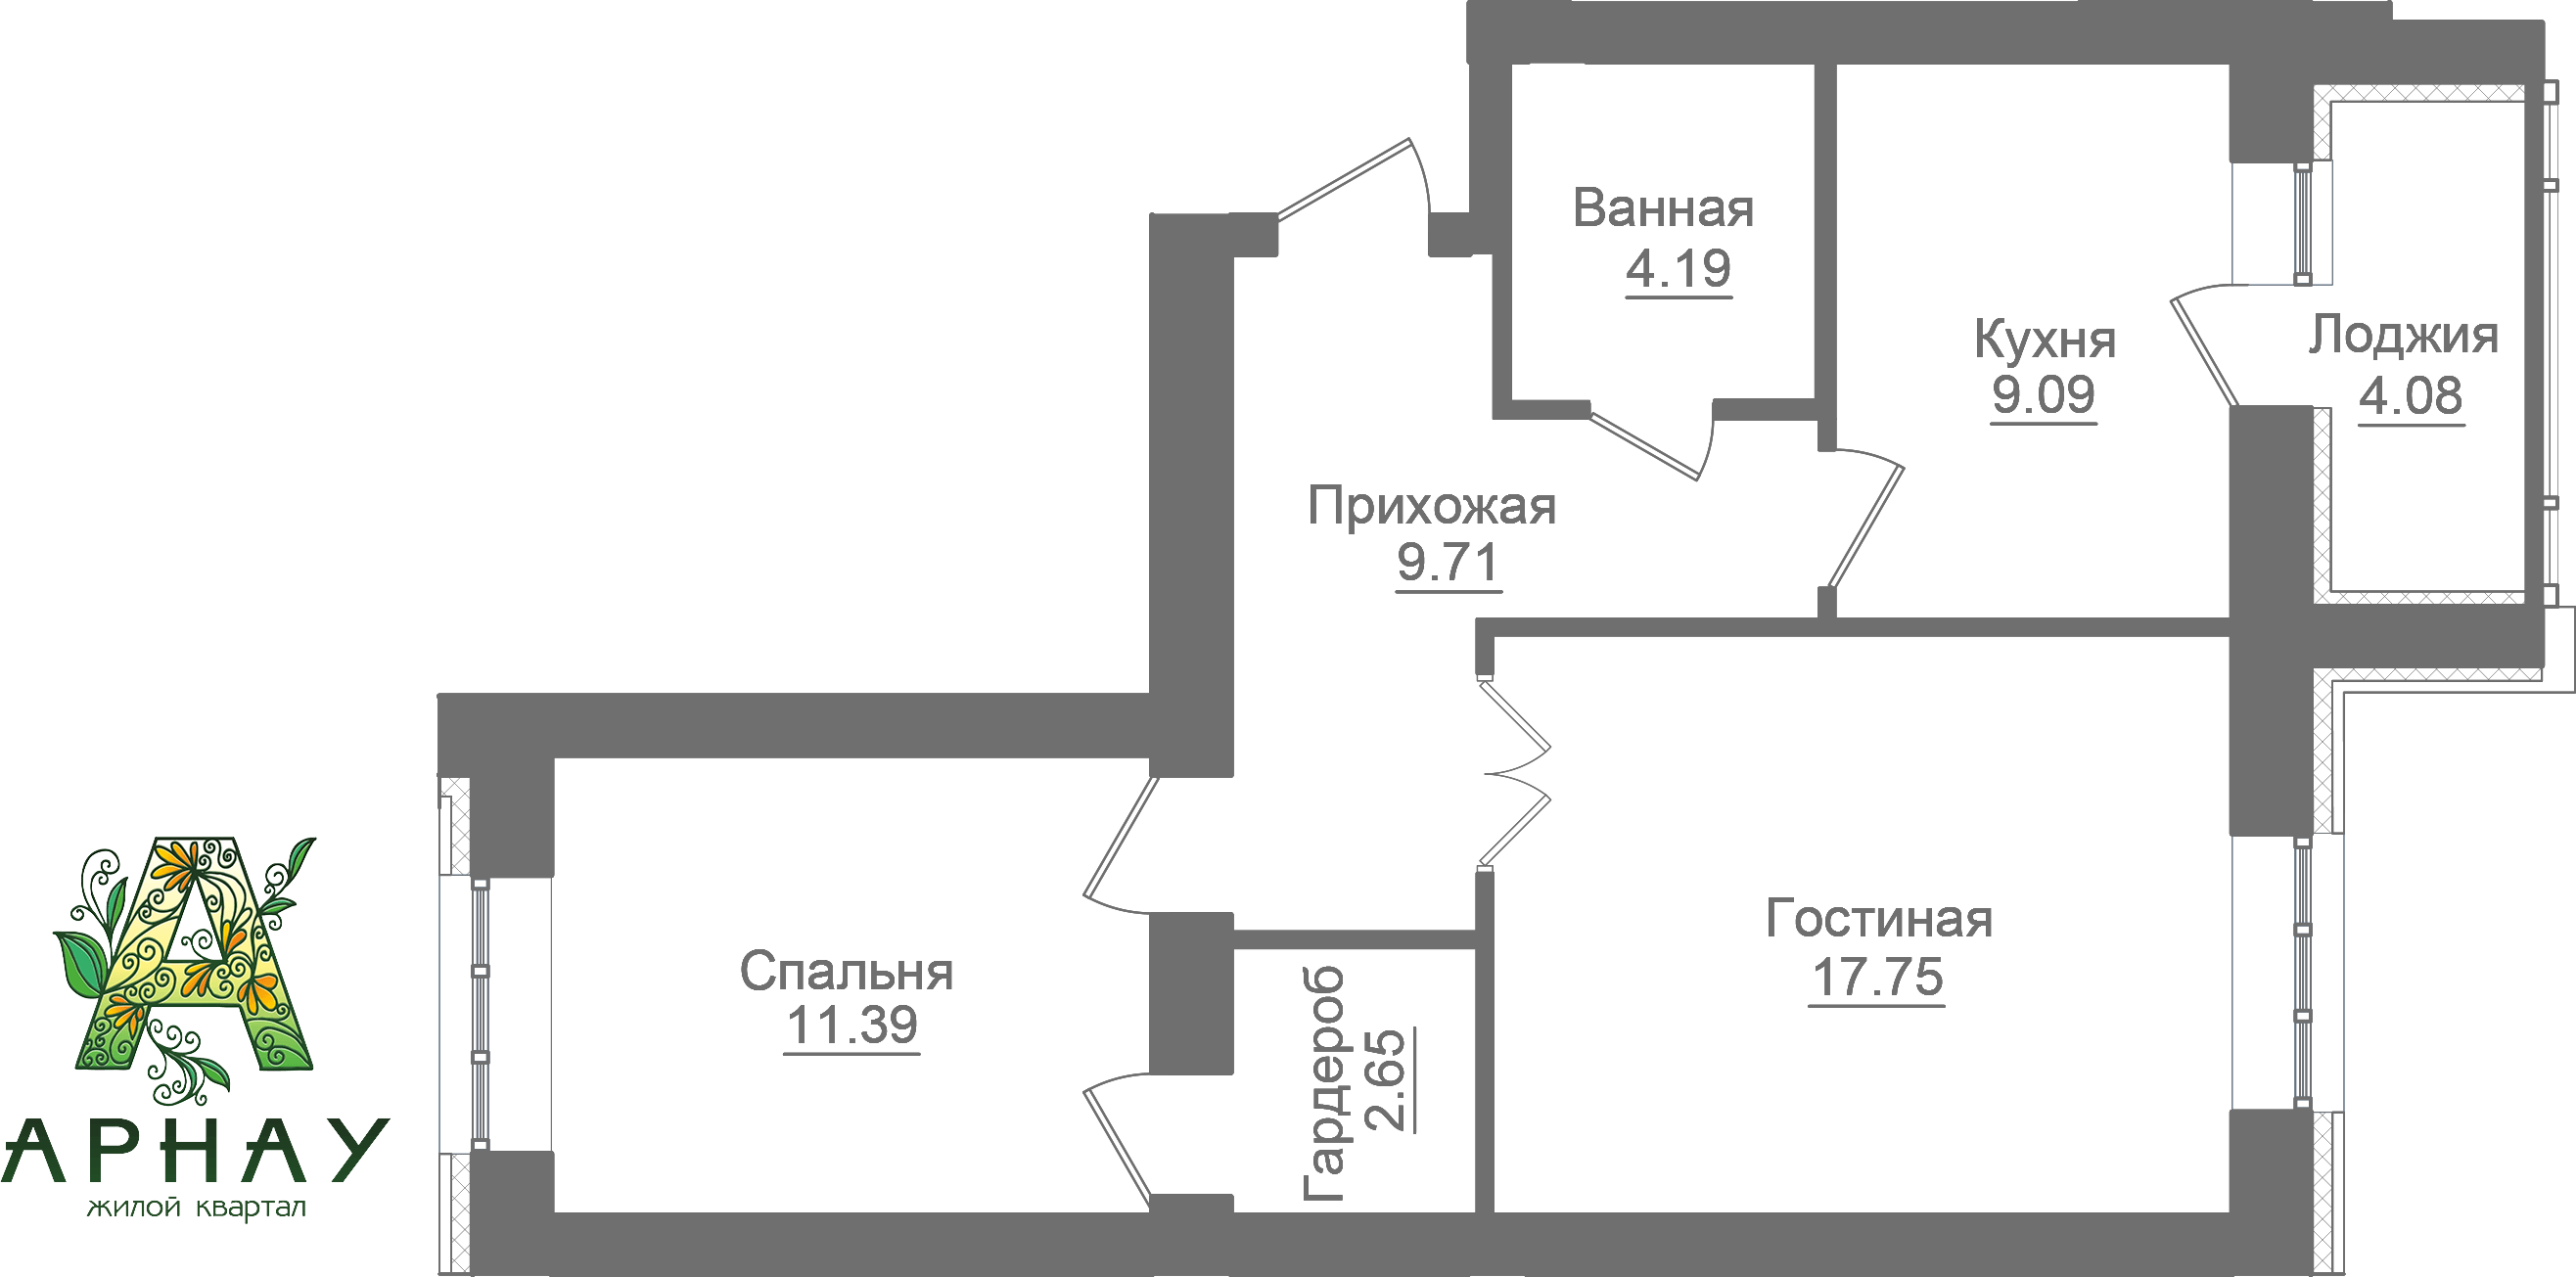 Квартира 93